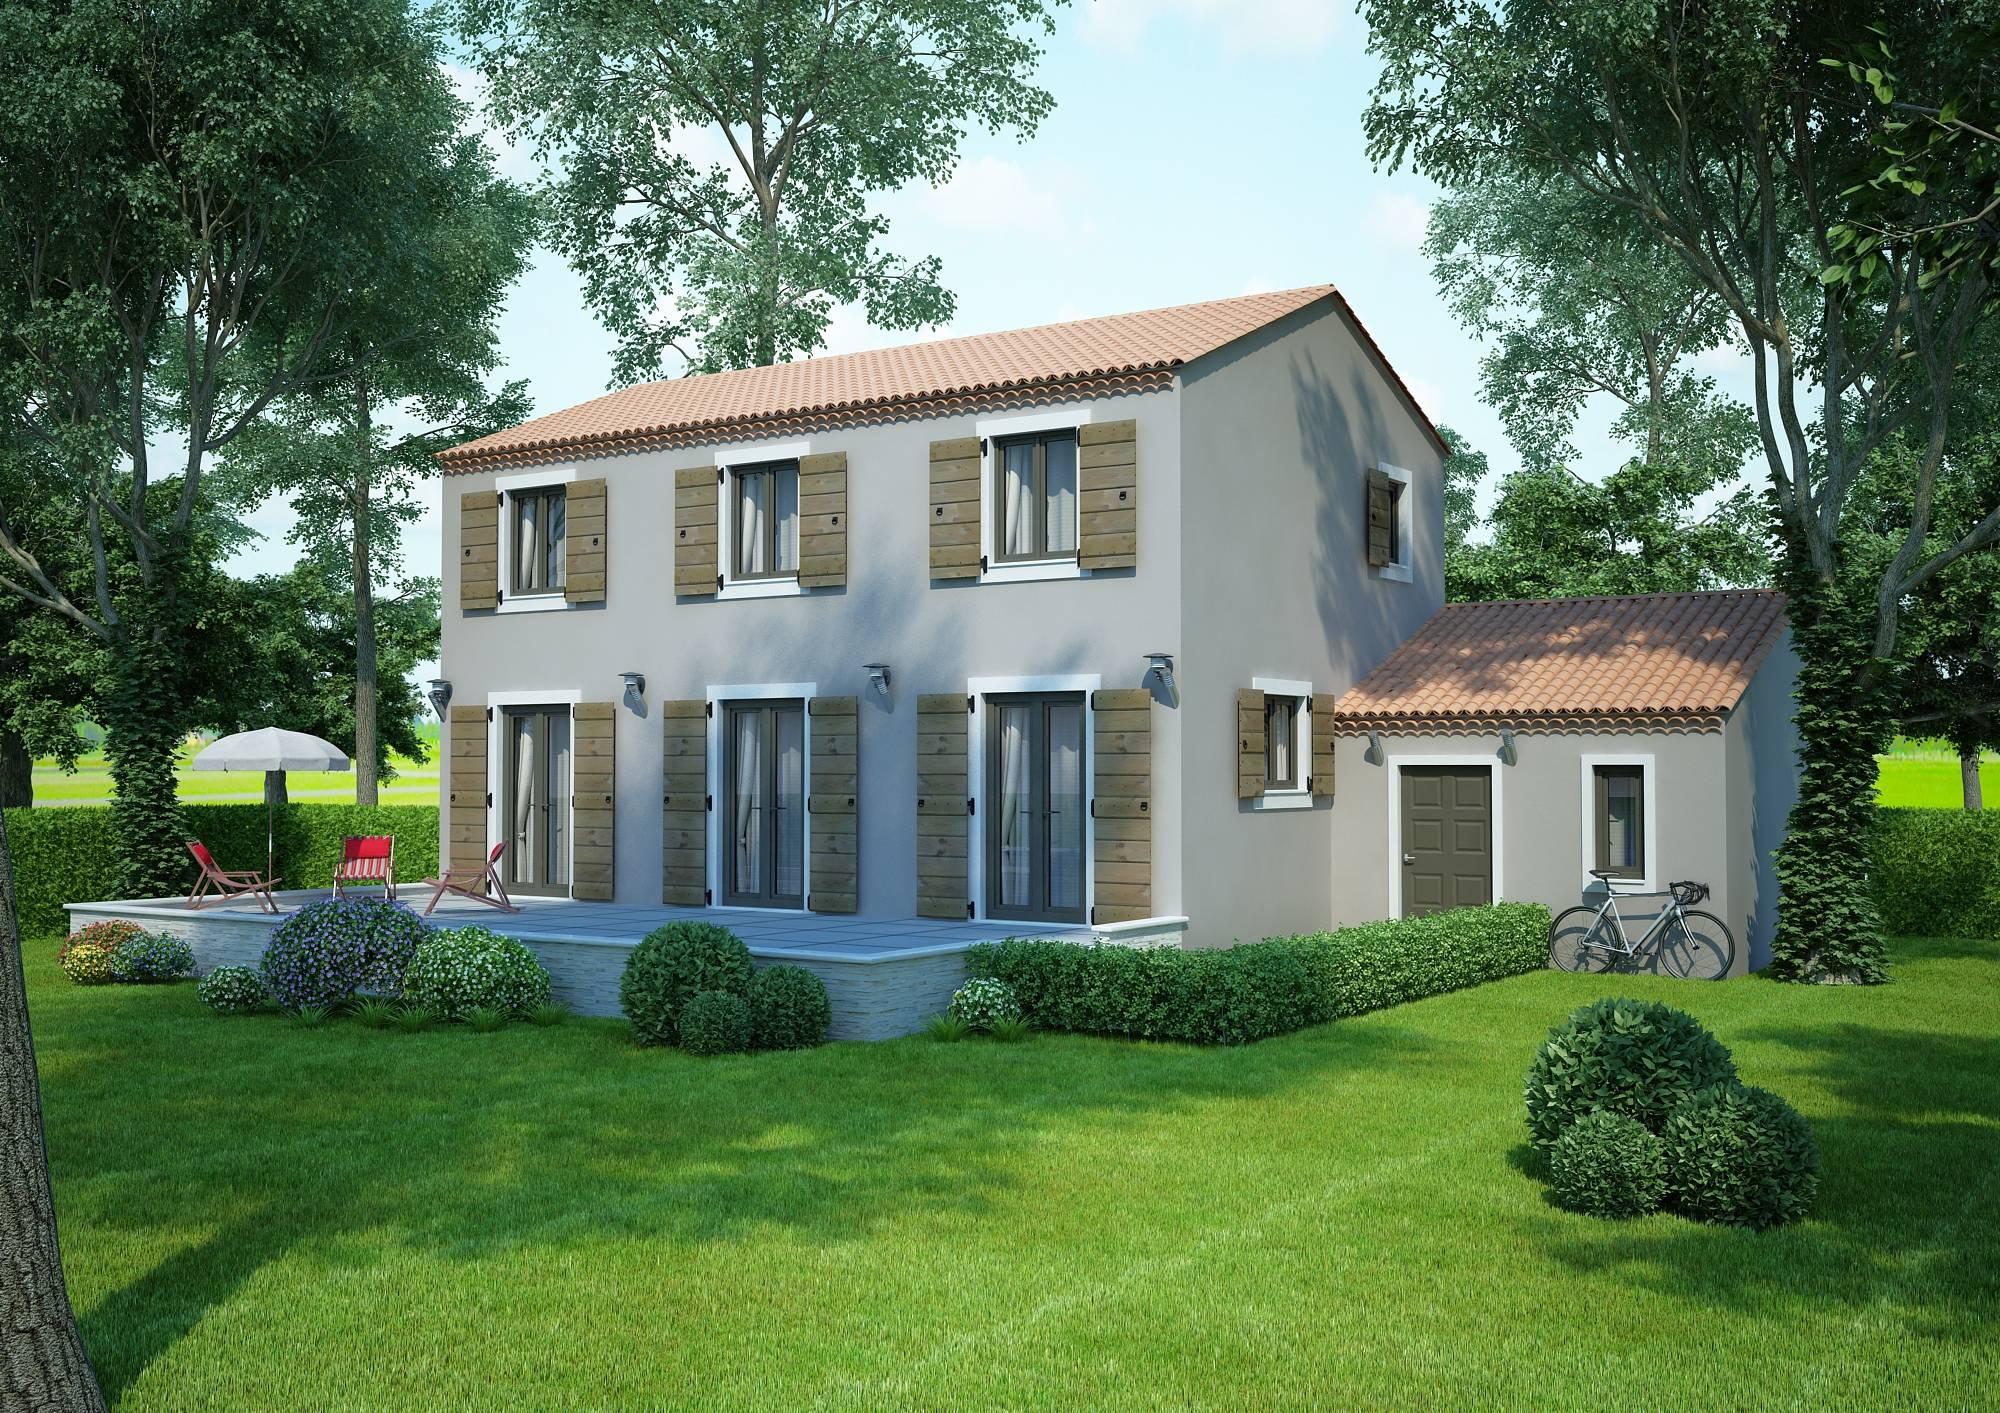 A vendre terrains s nas de 200 m2 400m2 azur logement - Constructeur maison salon de provence ...